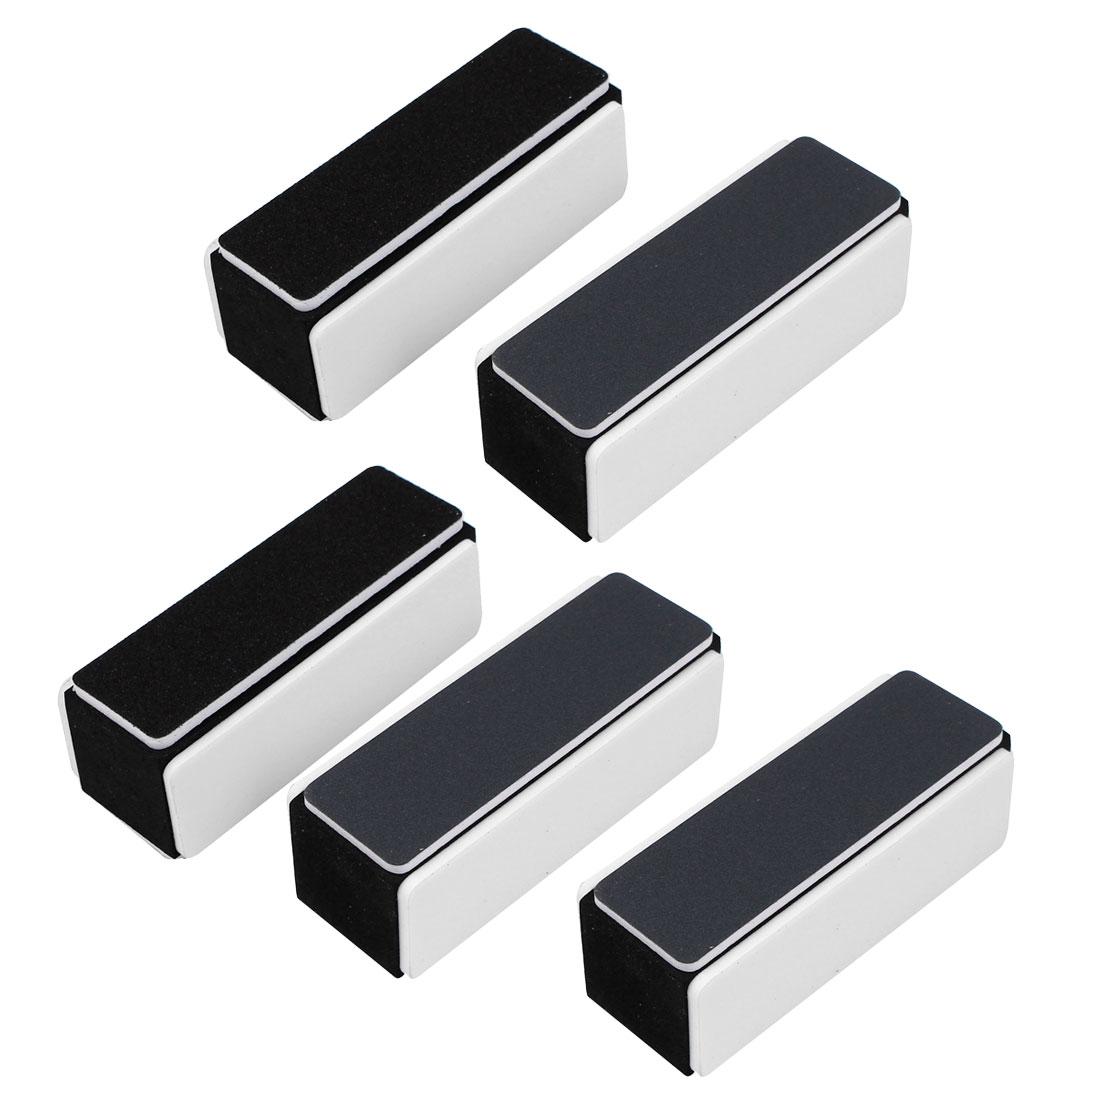 Nail Art Manicure 4 Way Shiner Buffer Buffing Block Sanding File 5 Pcs